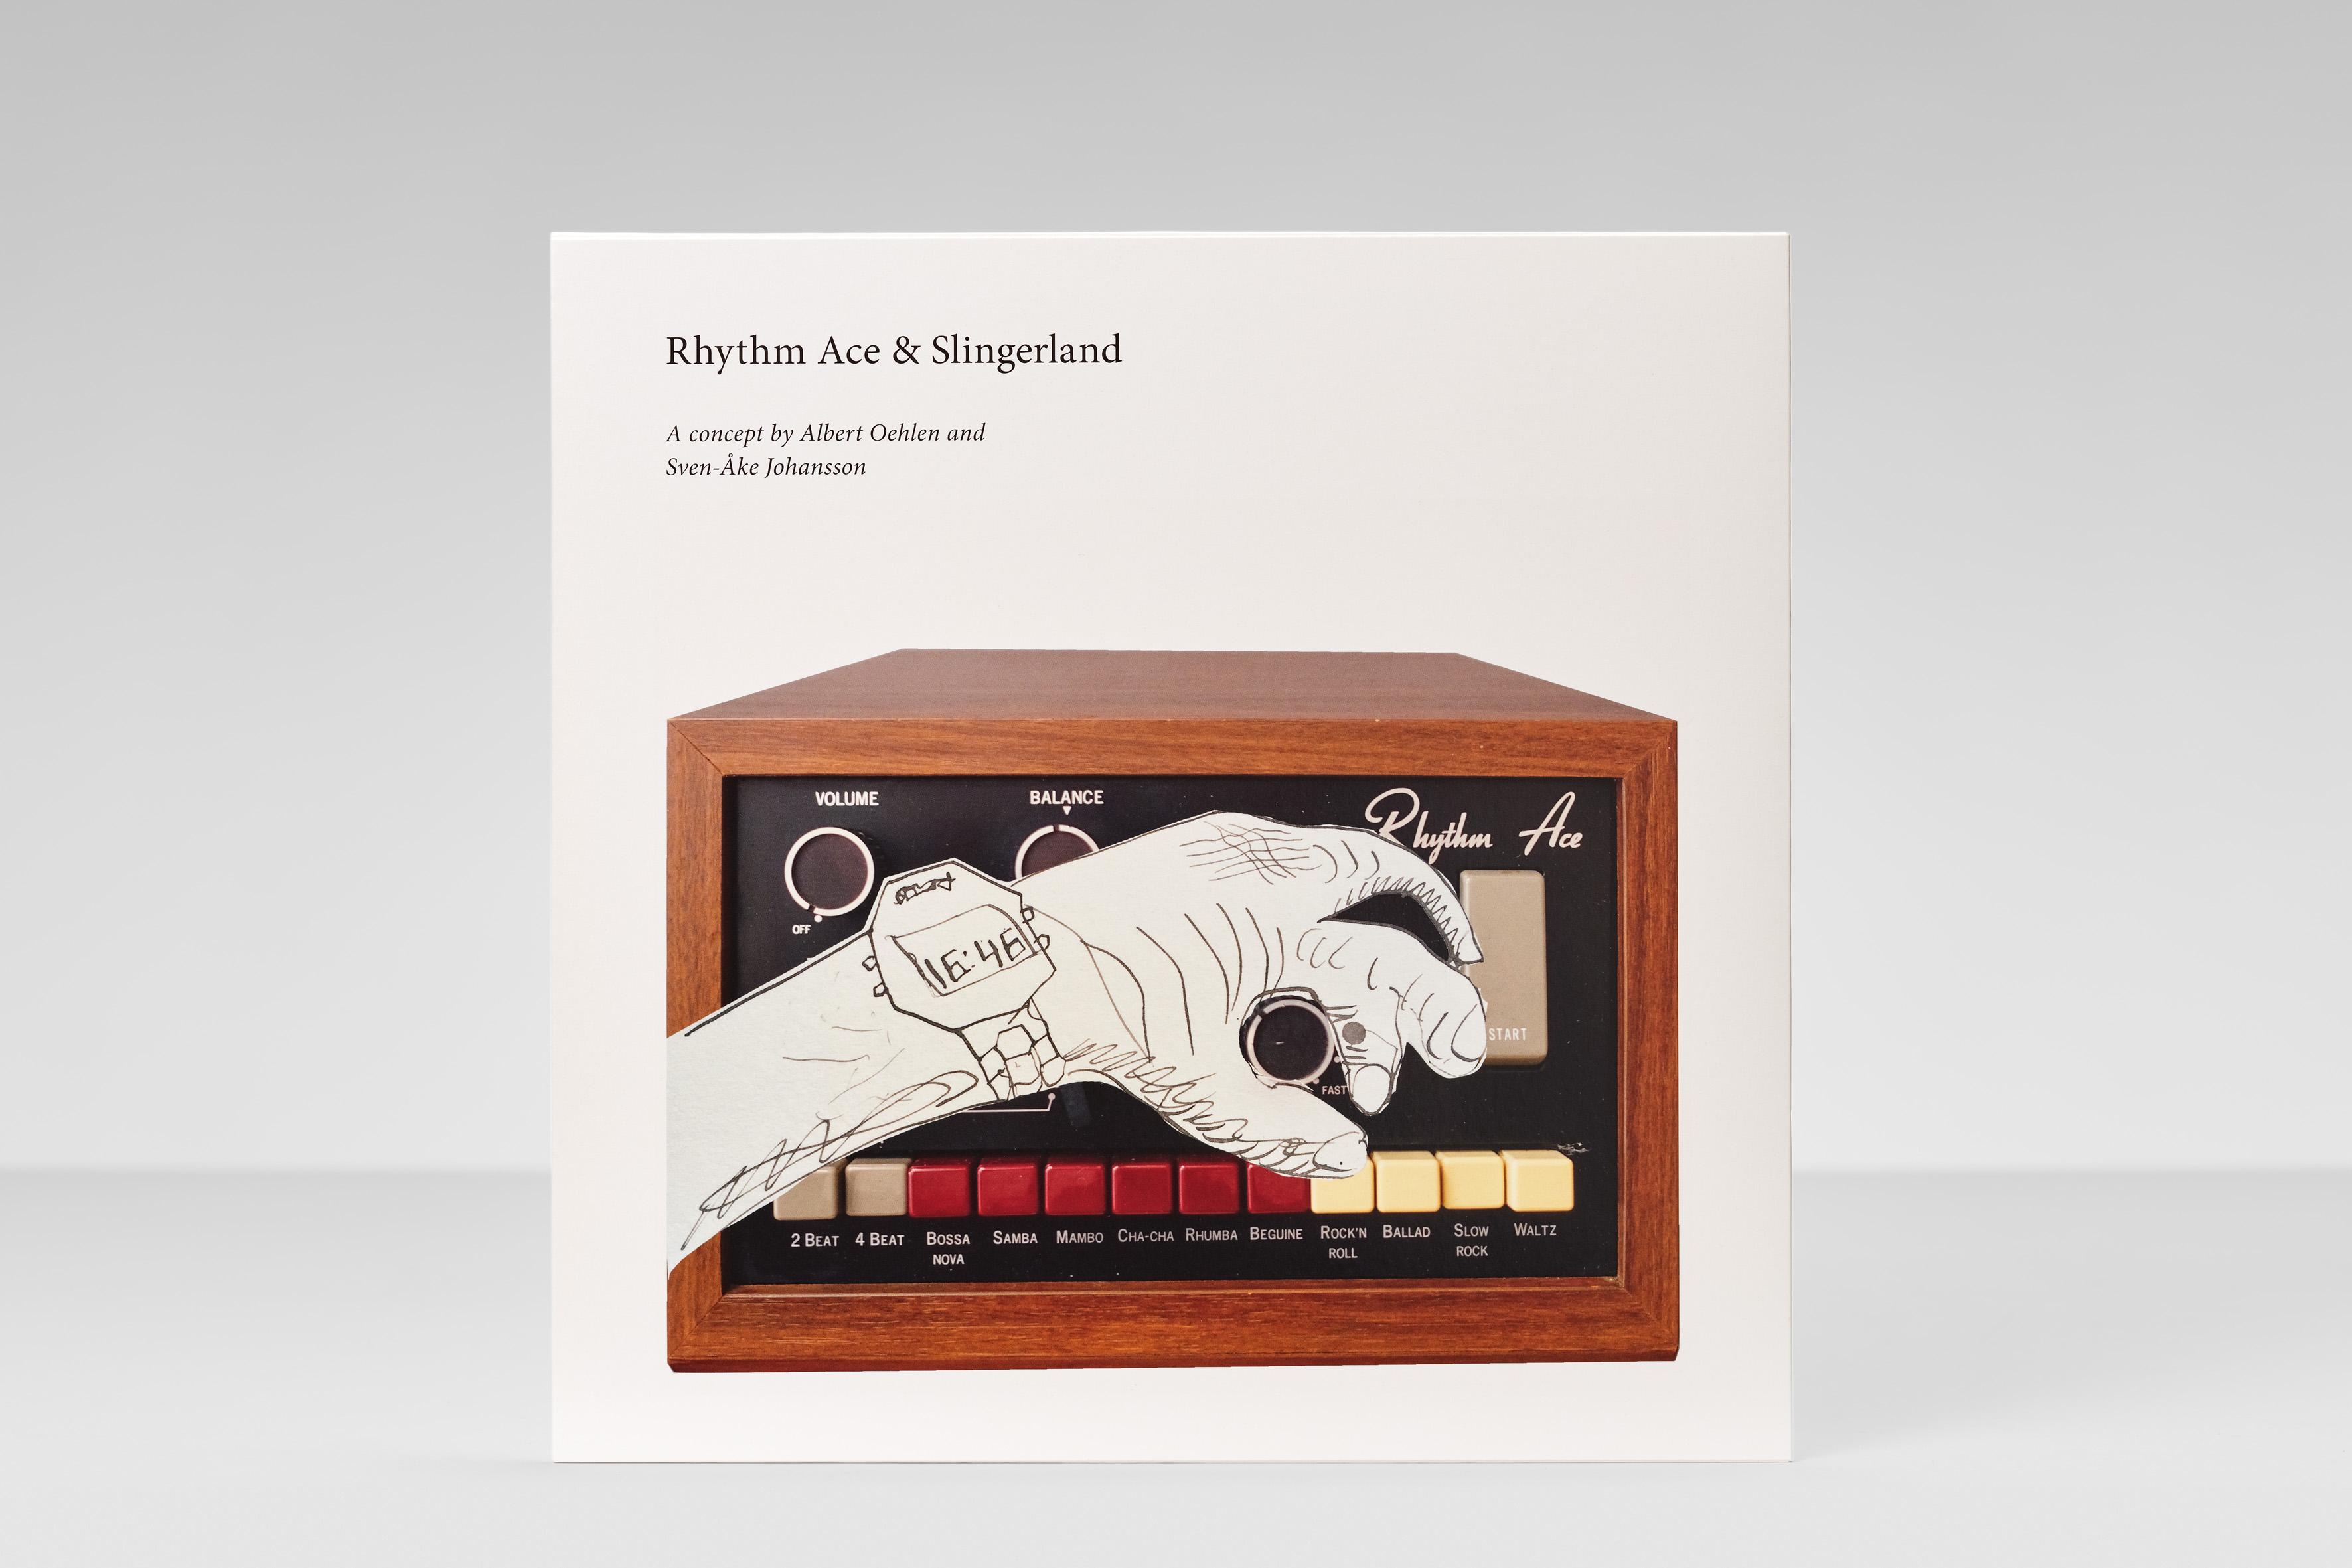 Albert Oehlen x Sven-Åke Johansson, Rhythm Ace & Slingerland - Galerie Max Hetzler